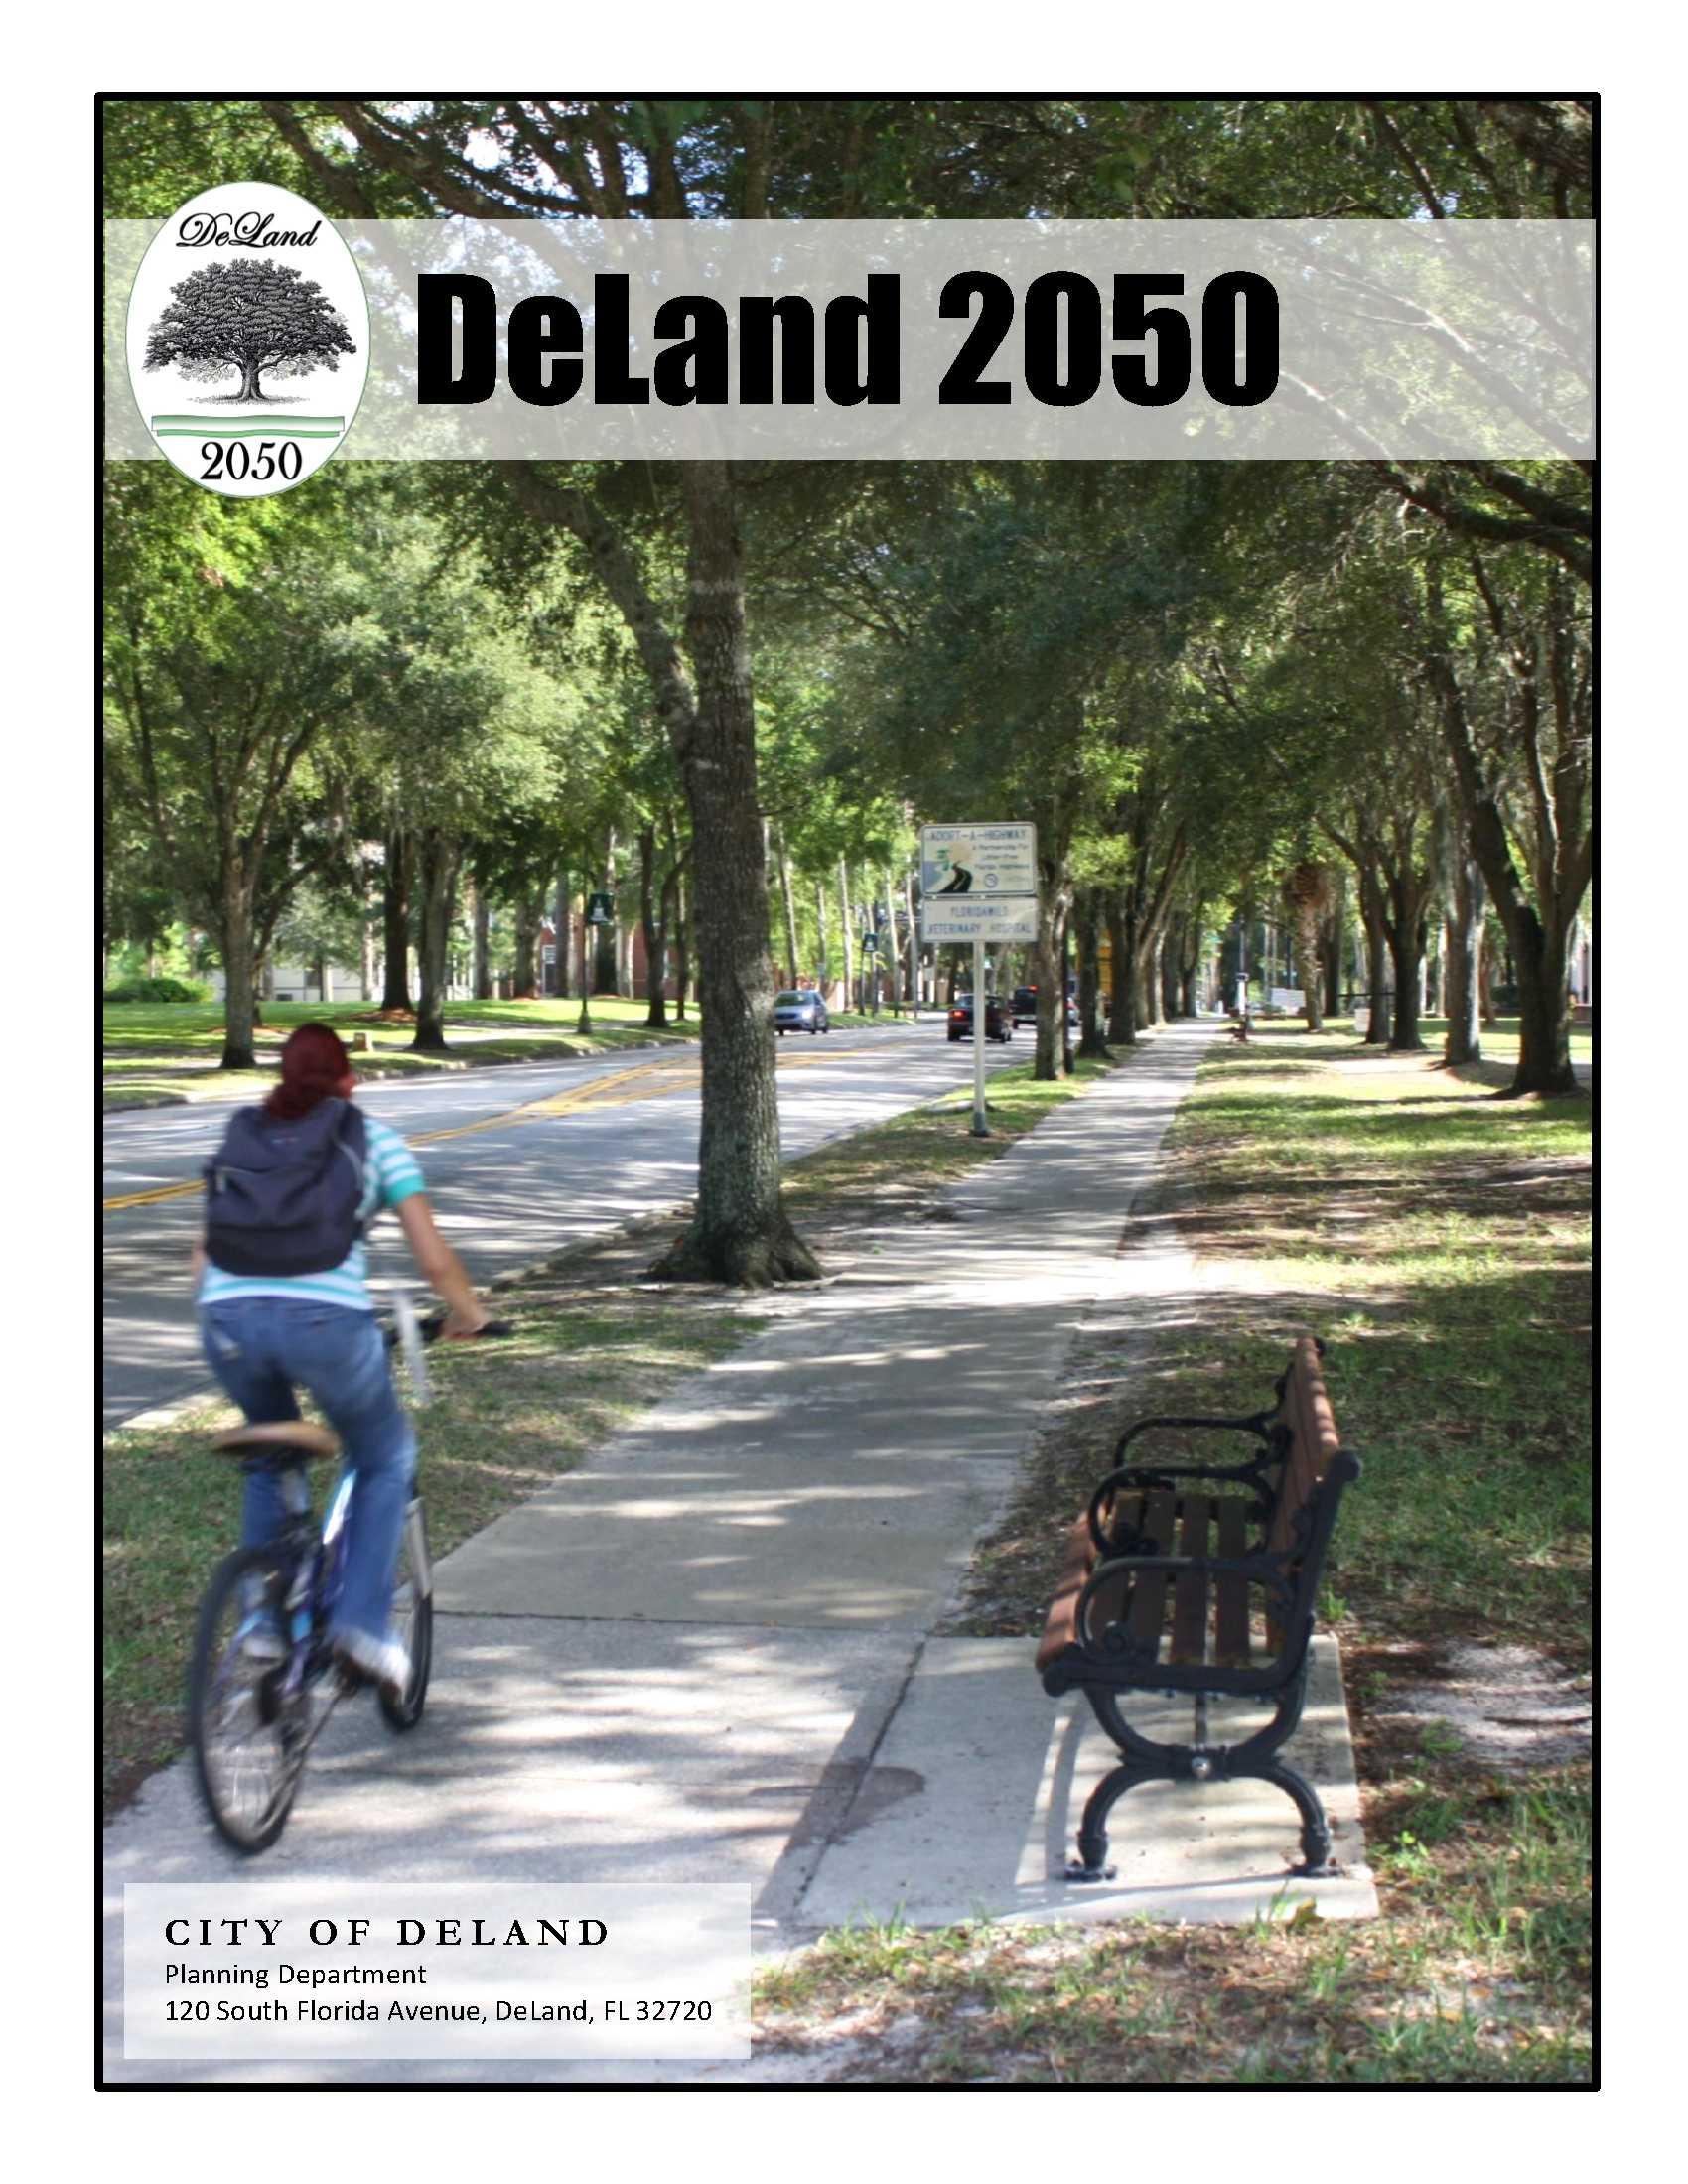 DeLand 2050